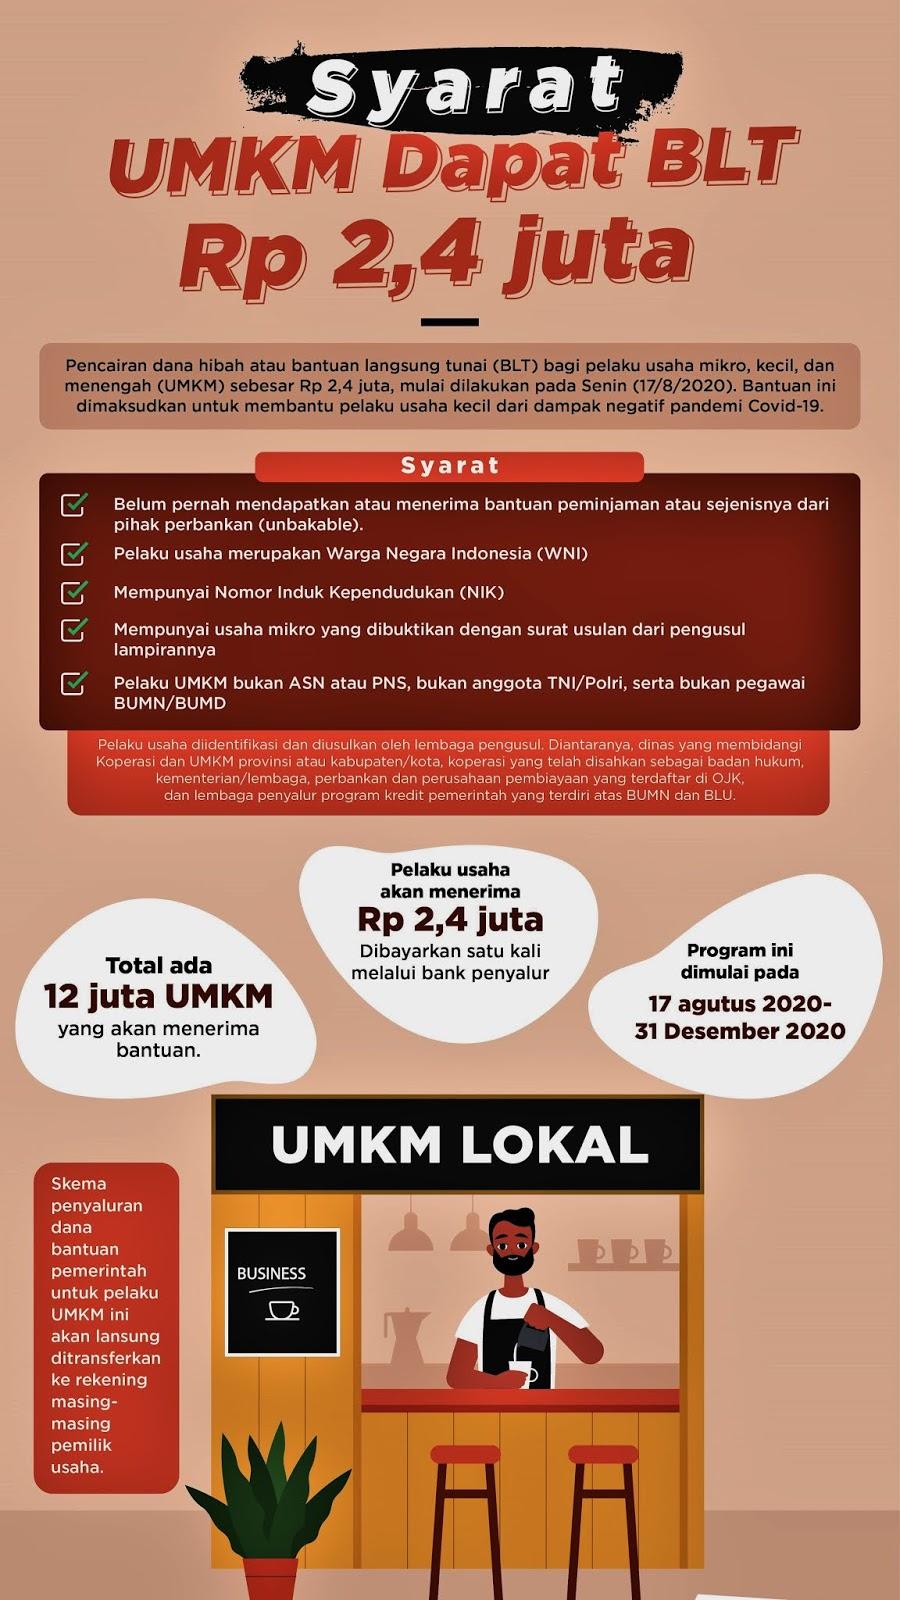 Cara Mendaftar Bantuan Umkm Online 2020 : mendaftar, bantuan, online, Daftar, Bantuan, Lewat, Online, Dapat, Online.